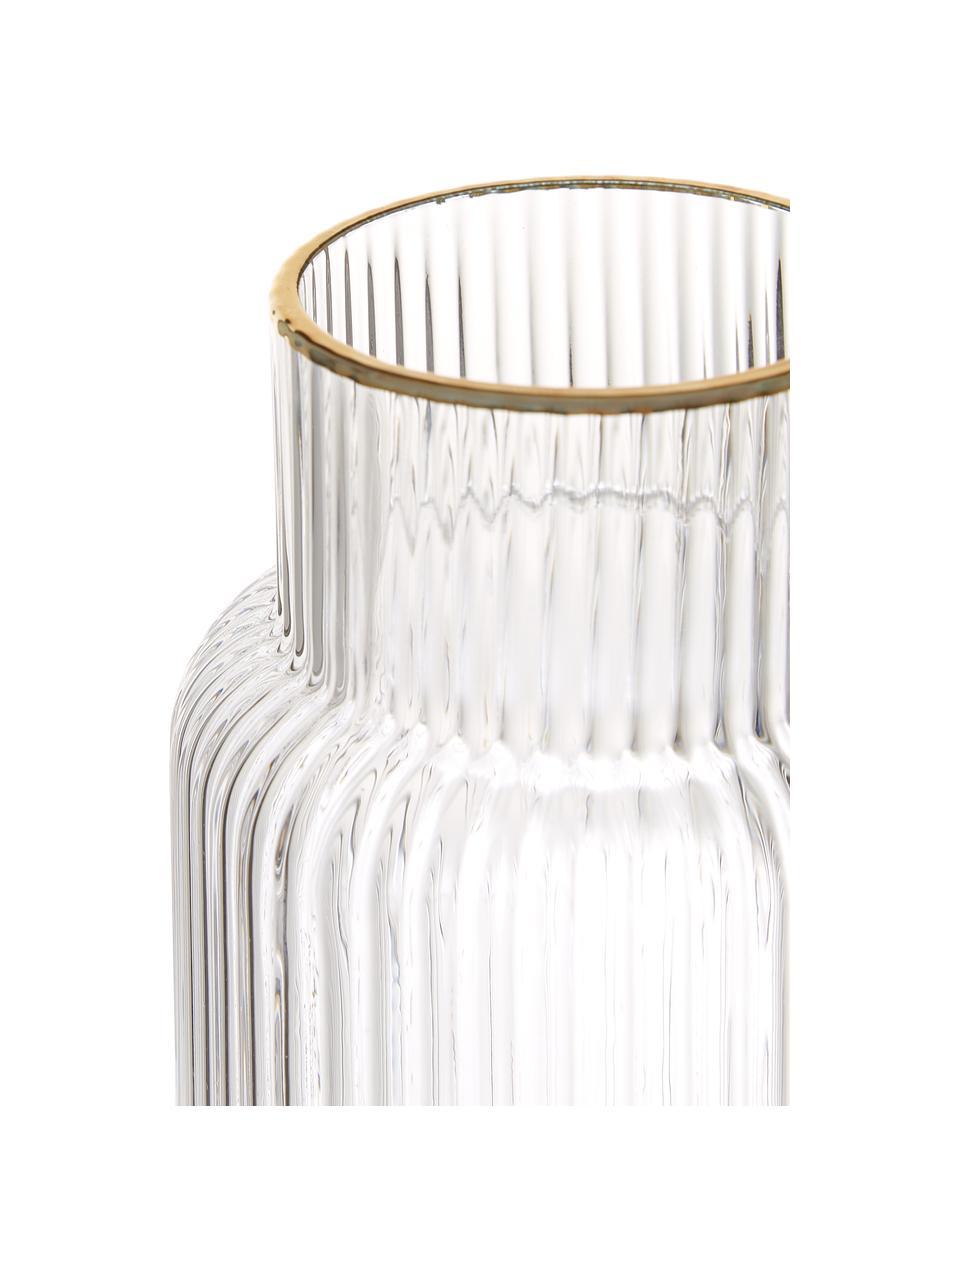 Caraffa acqua fatta a mano con rilievo scanalato e bordo dorato Minna, Vetro soffiato, Trasparente, oro, Ø 10 x Alt. 25 cm